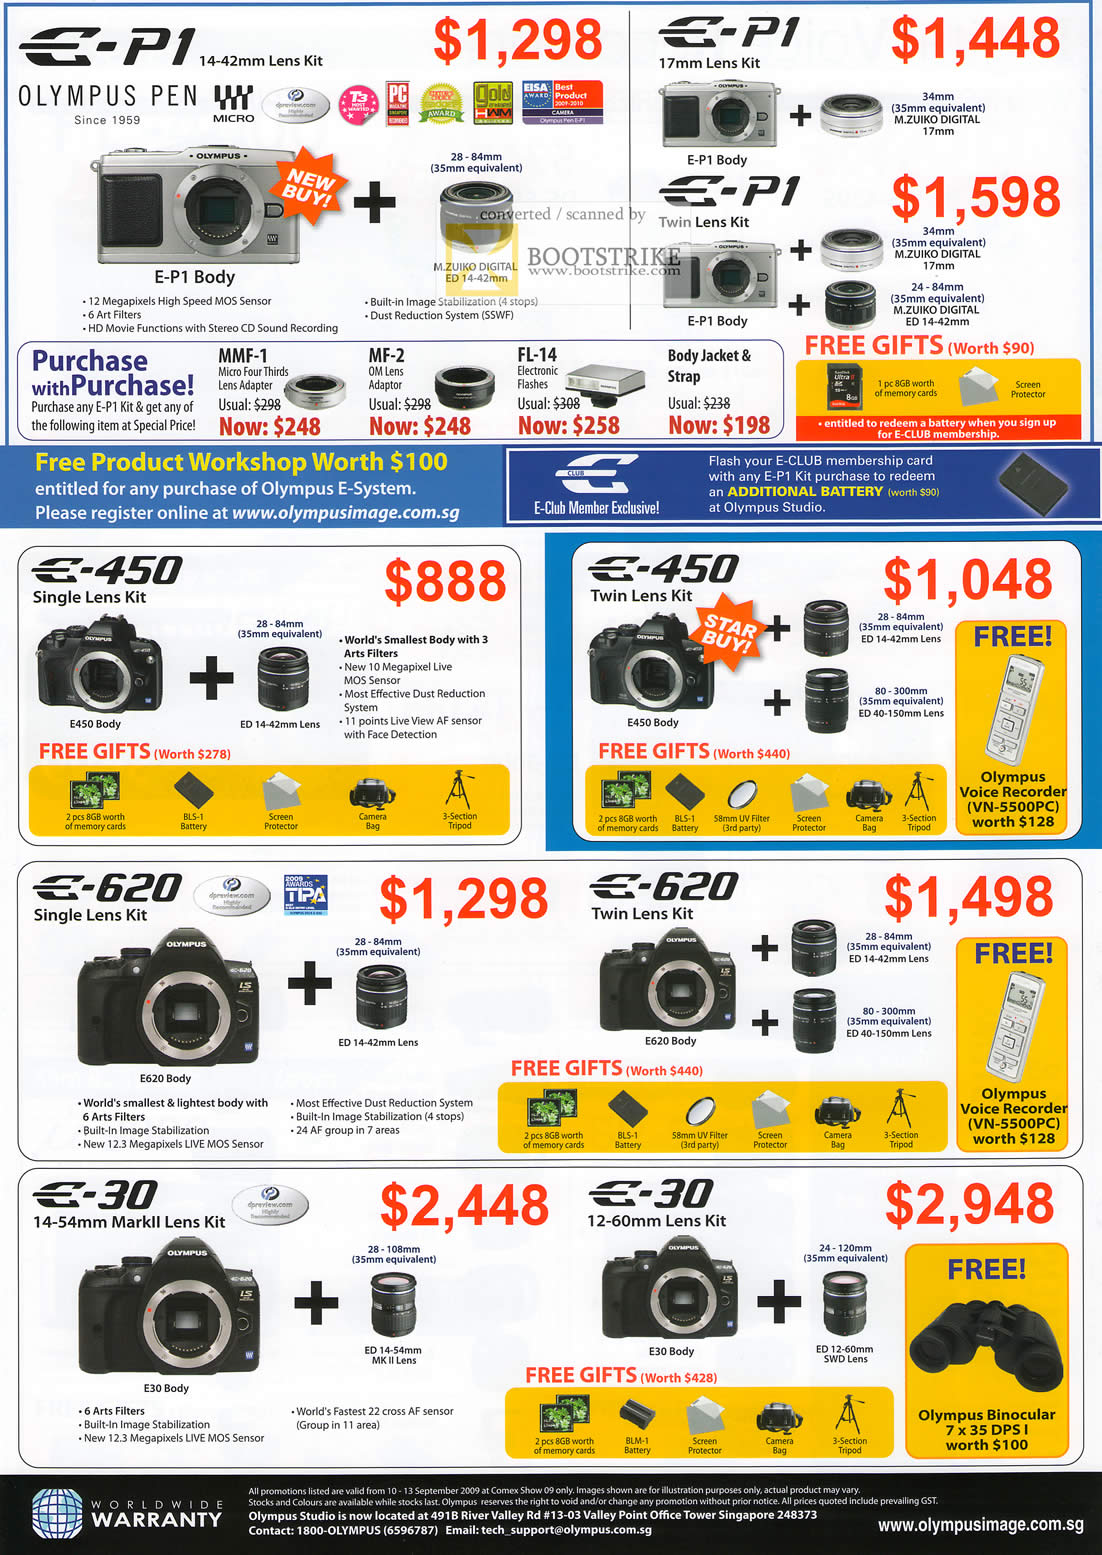 Comex 2009 price list image brochure of Olympus Digital Cameras Pen E-P1 E-450 E-620 E-30